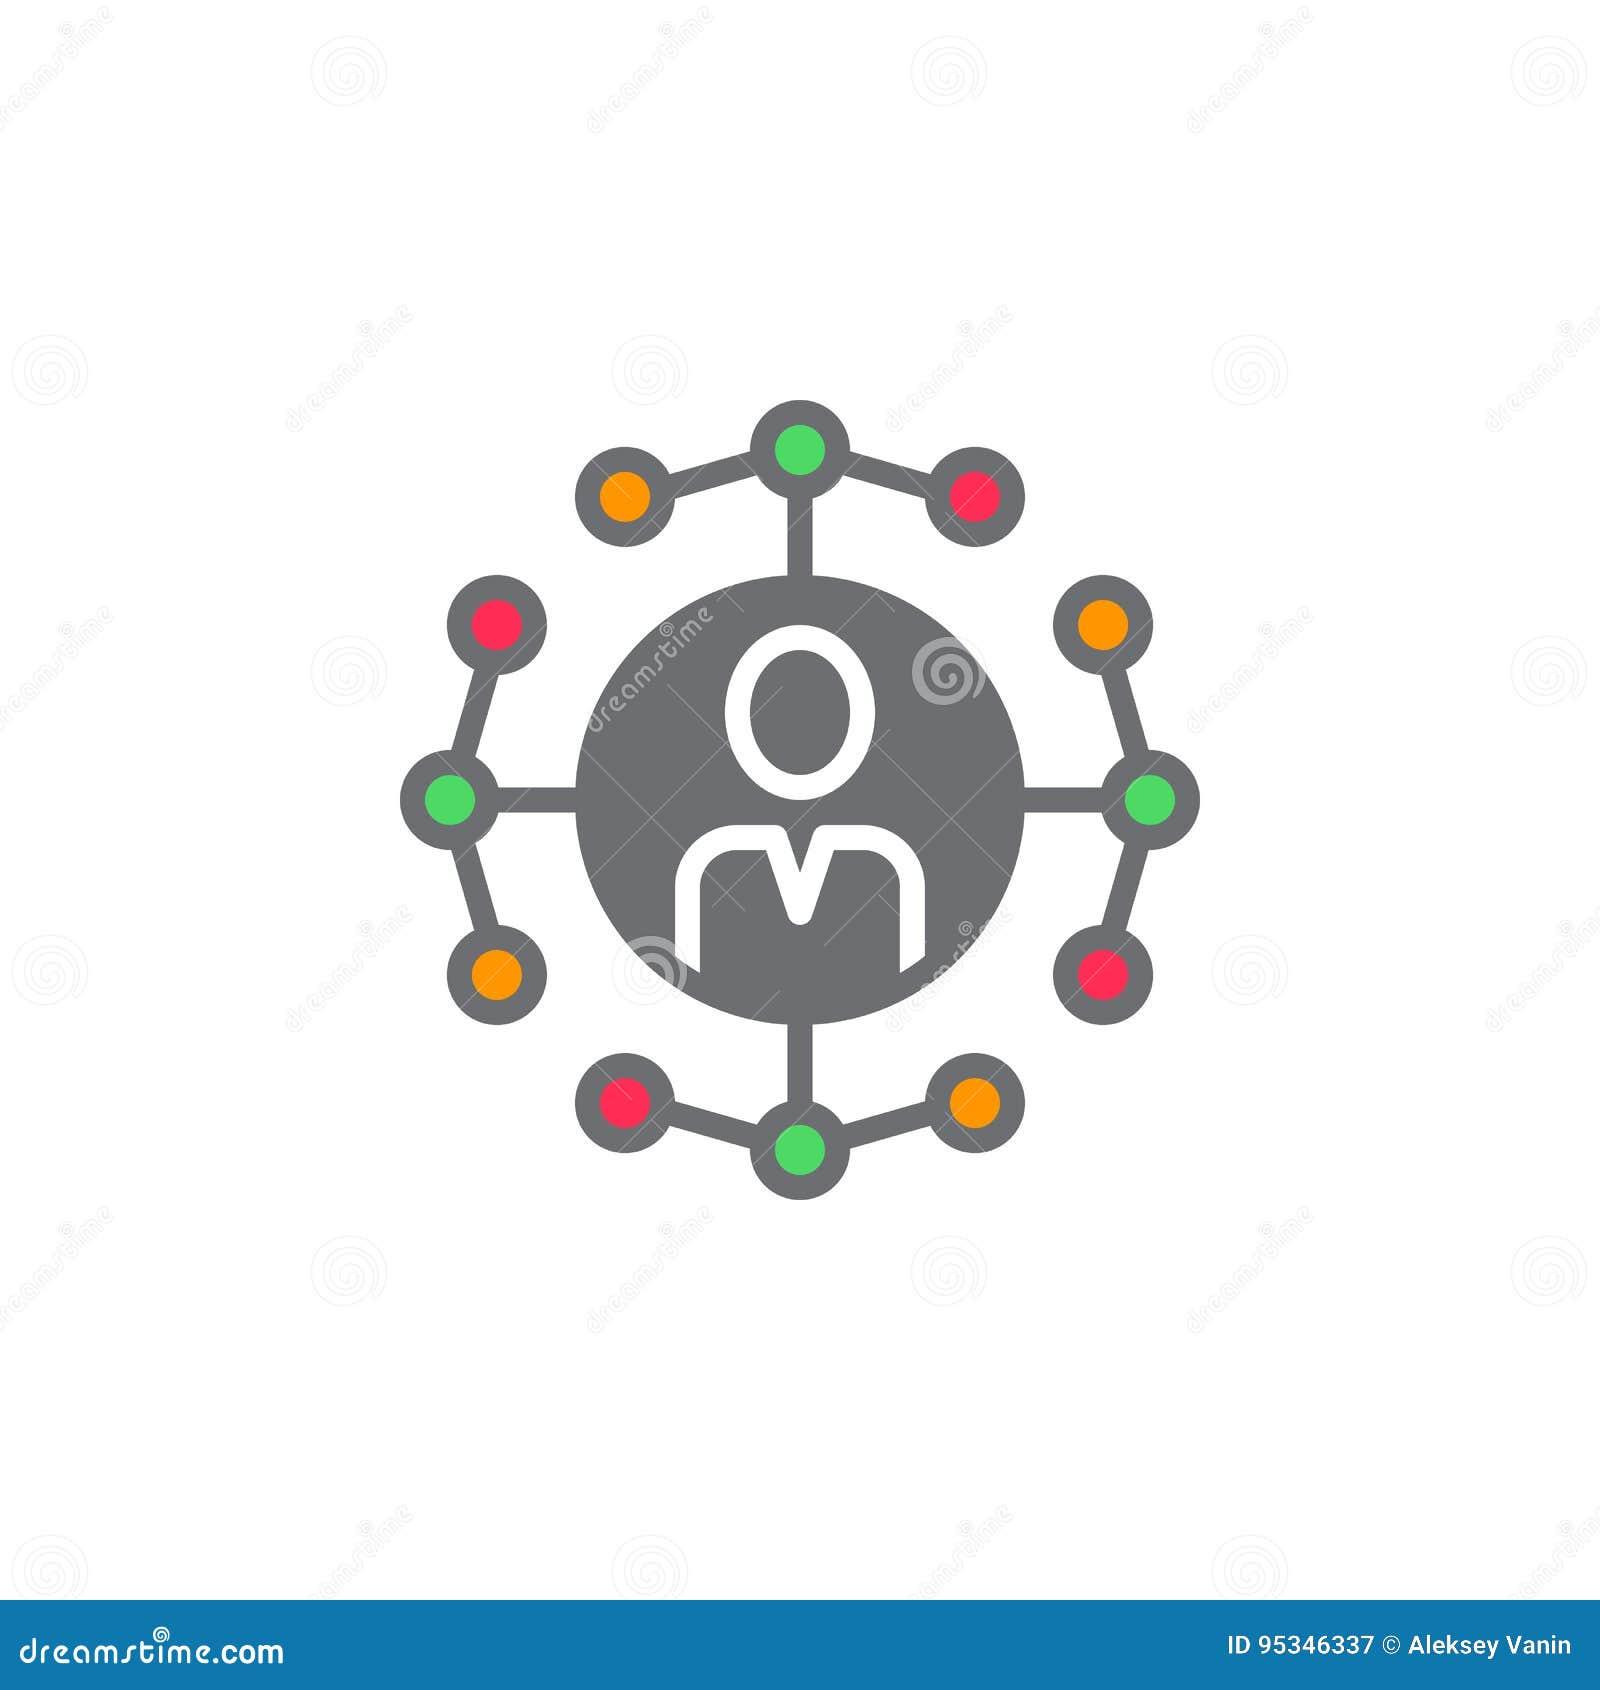 Sociaal het pictogram vector, gevuld vlak teken van netwerkverbindingen, vast lichaam